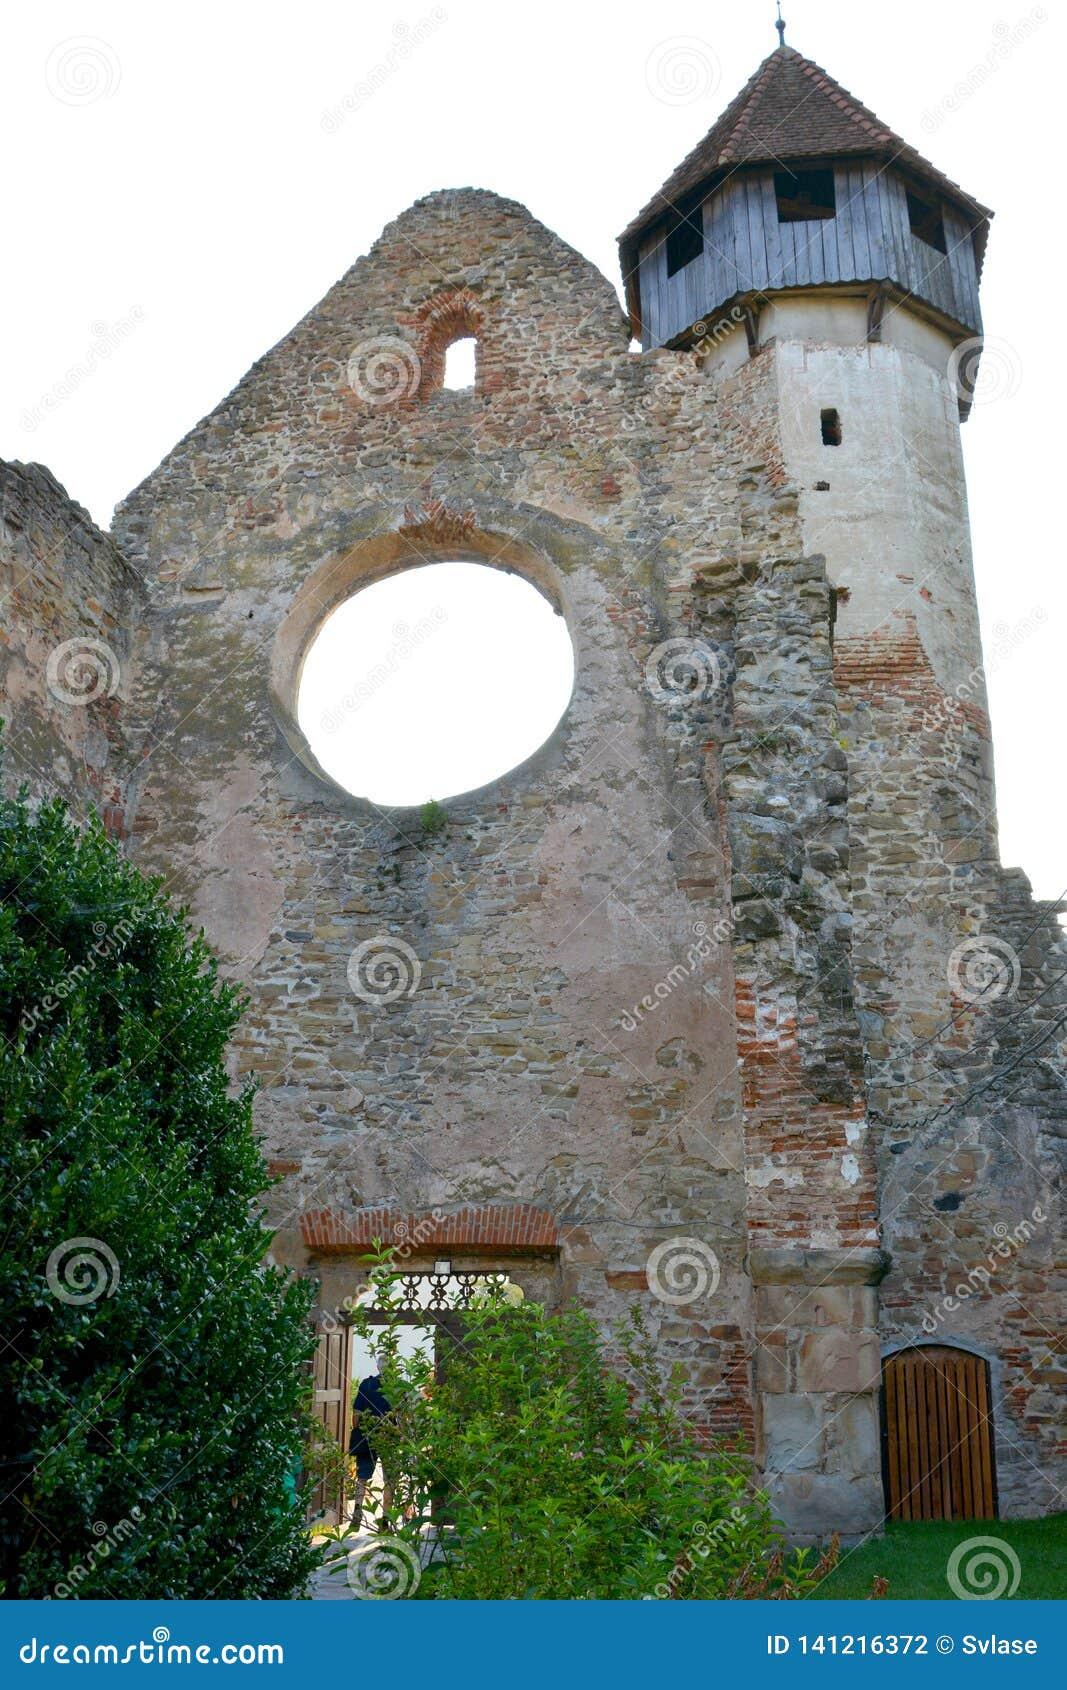 τοίχοι Καταστροφές του μεσαιωνικού κιστερκιανού αβαείου στην Τρανσυλβανία